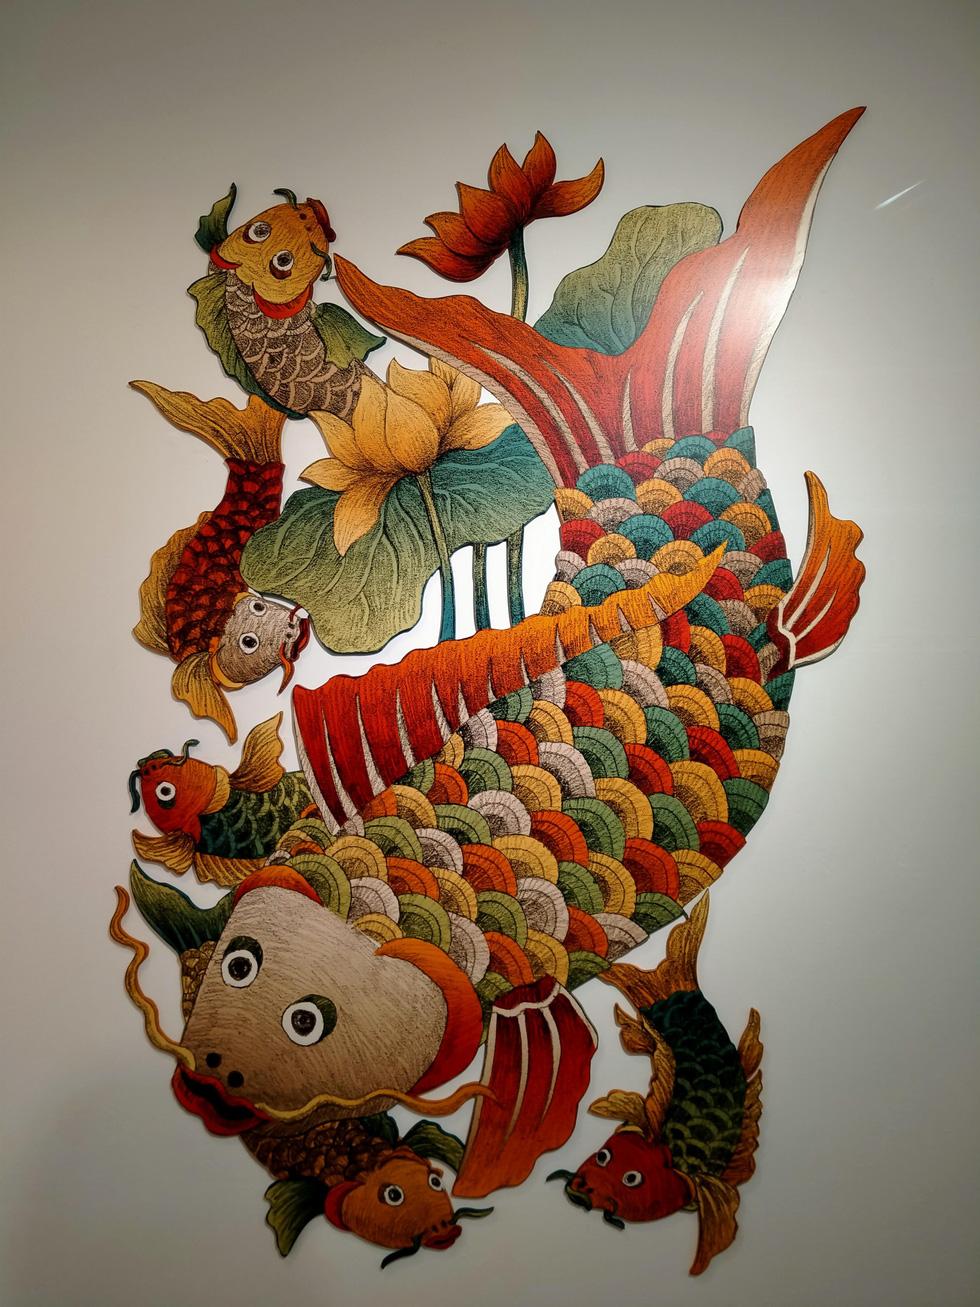 Ngắm Bà Trưng, Bà Triệu, tố nữ mắt to tròn, mặt V-line trong tranh Xuân Lam - Ảnh 16.